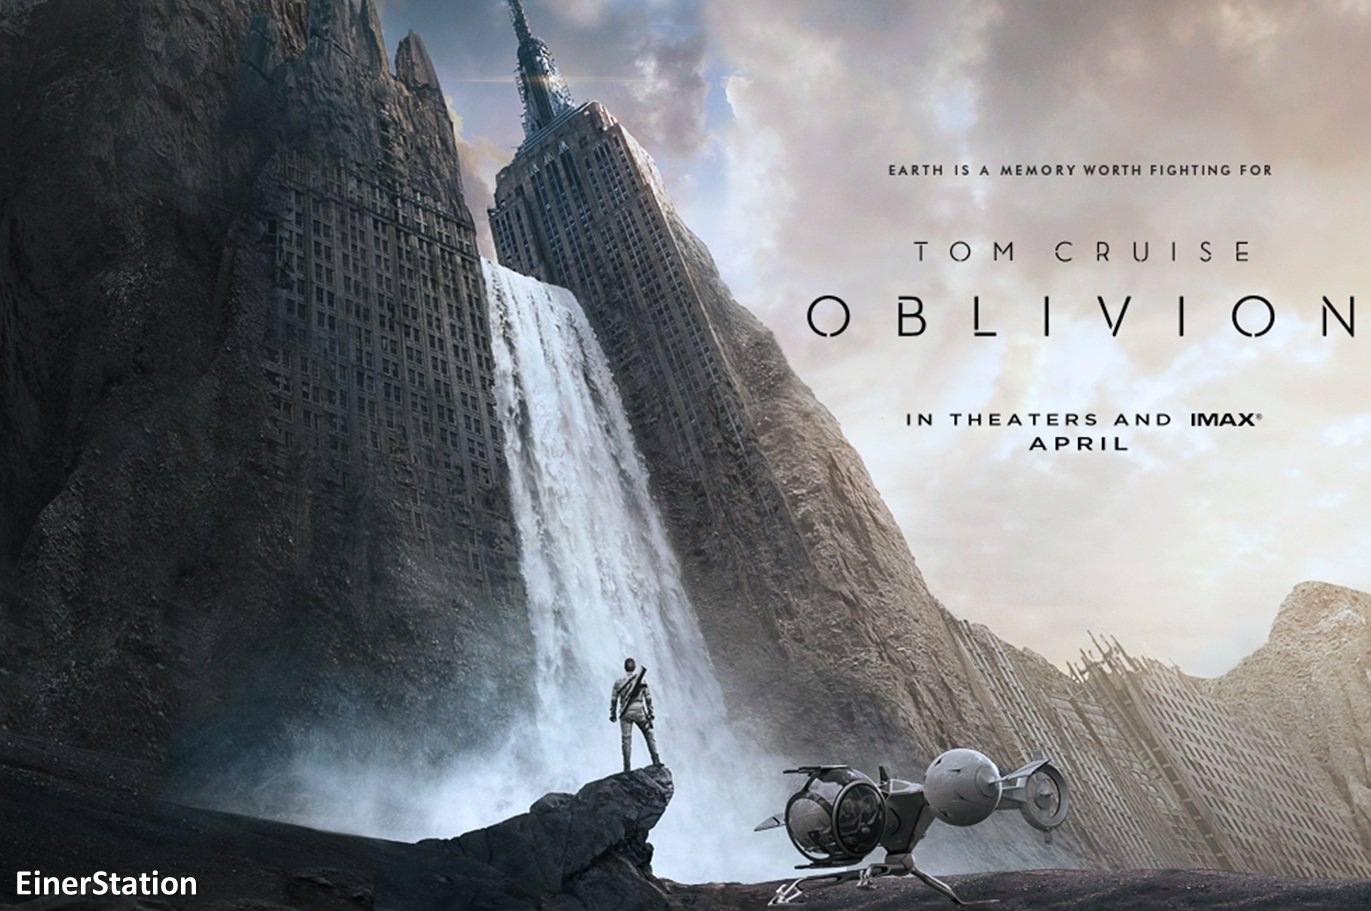 АХТУНГ! СПОЙЛЕРЫ!  Посмотрел сегодня фильм Забвение (Oblivion). Вроде хороший фильм, хорошие спецэффекты, игра актёр ... - Изображение 1